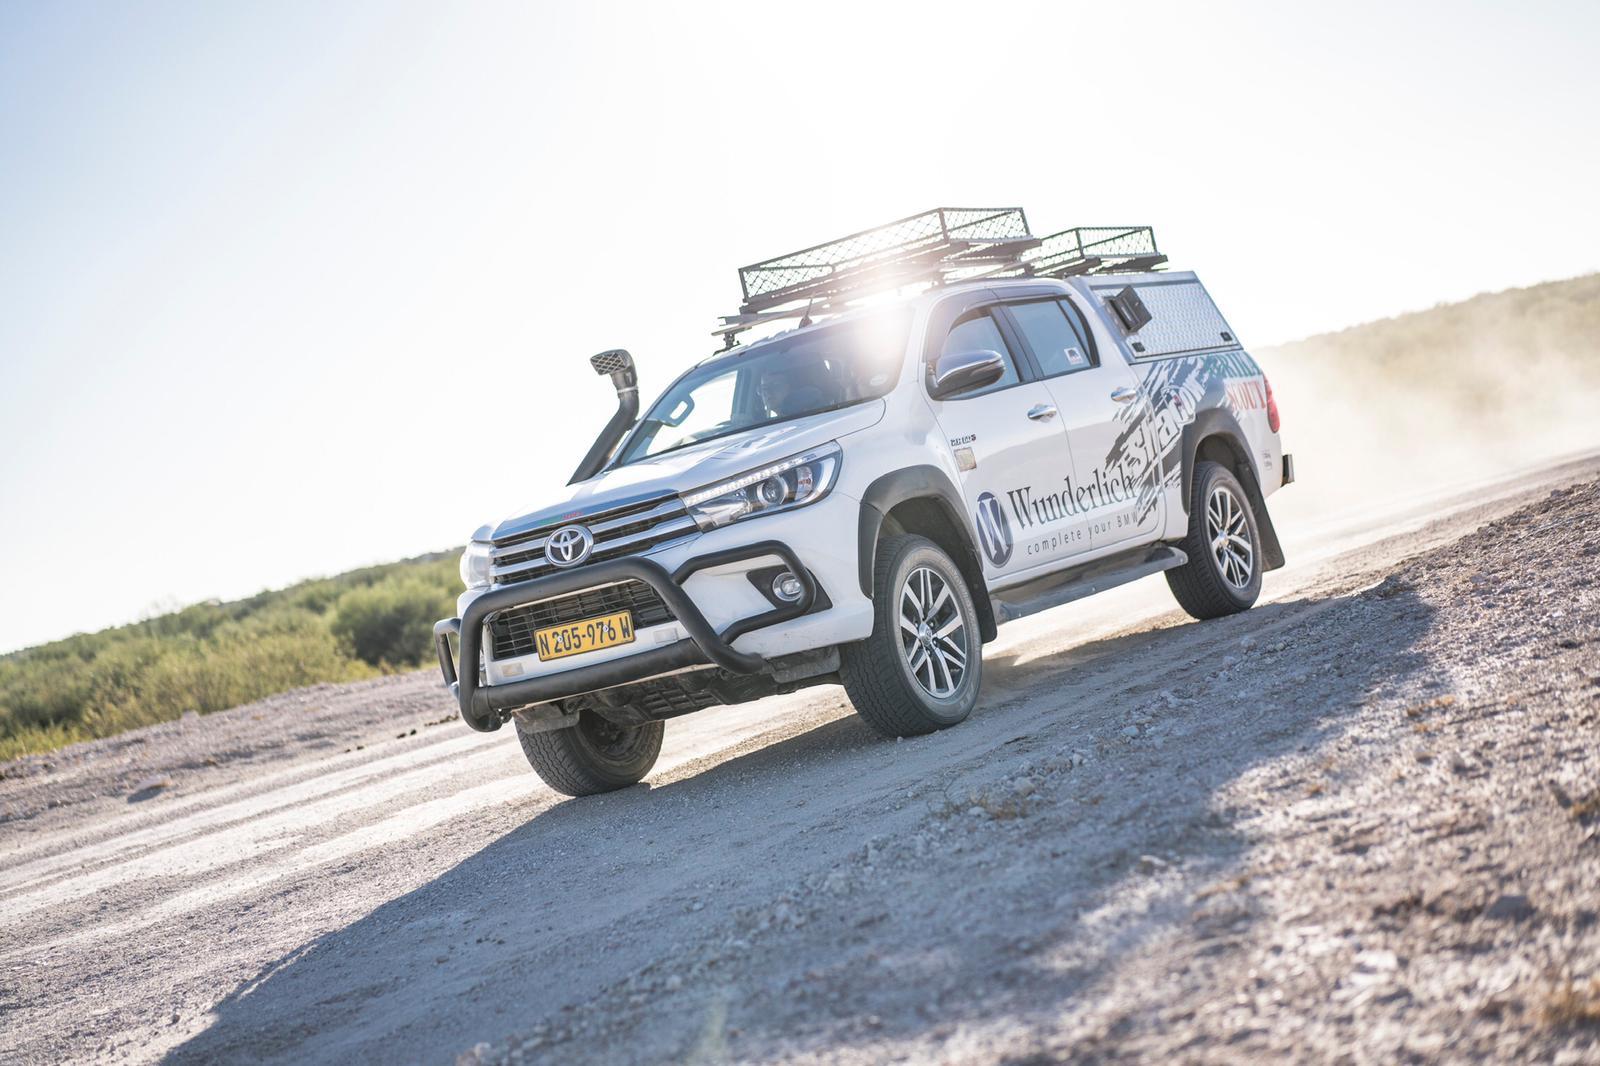 Begleitfahrzeug für die Motorradreise durch Namibia